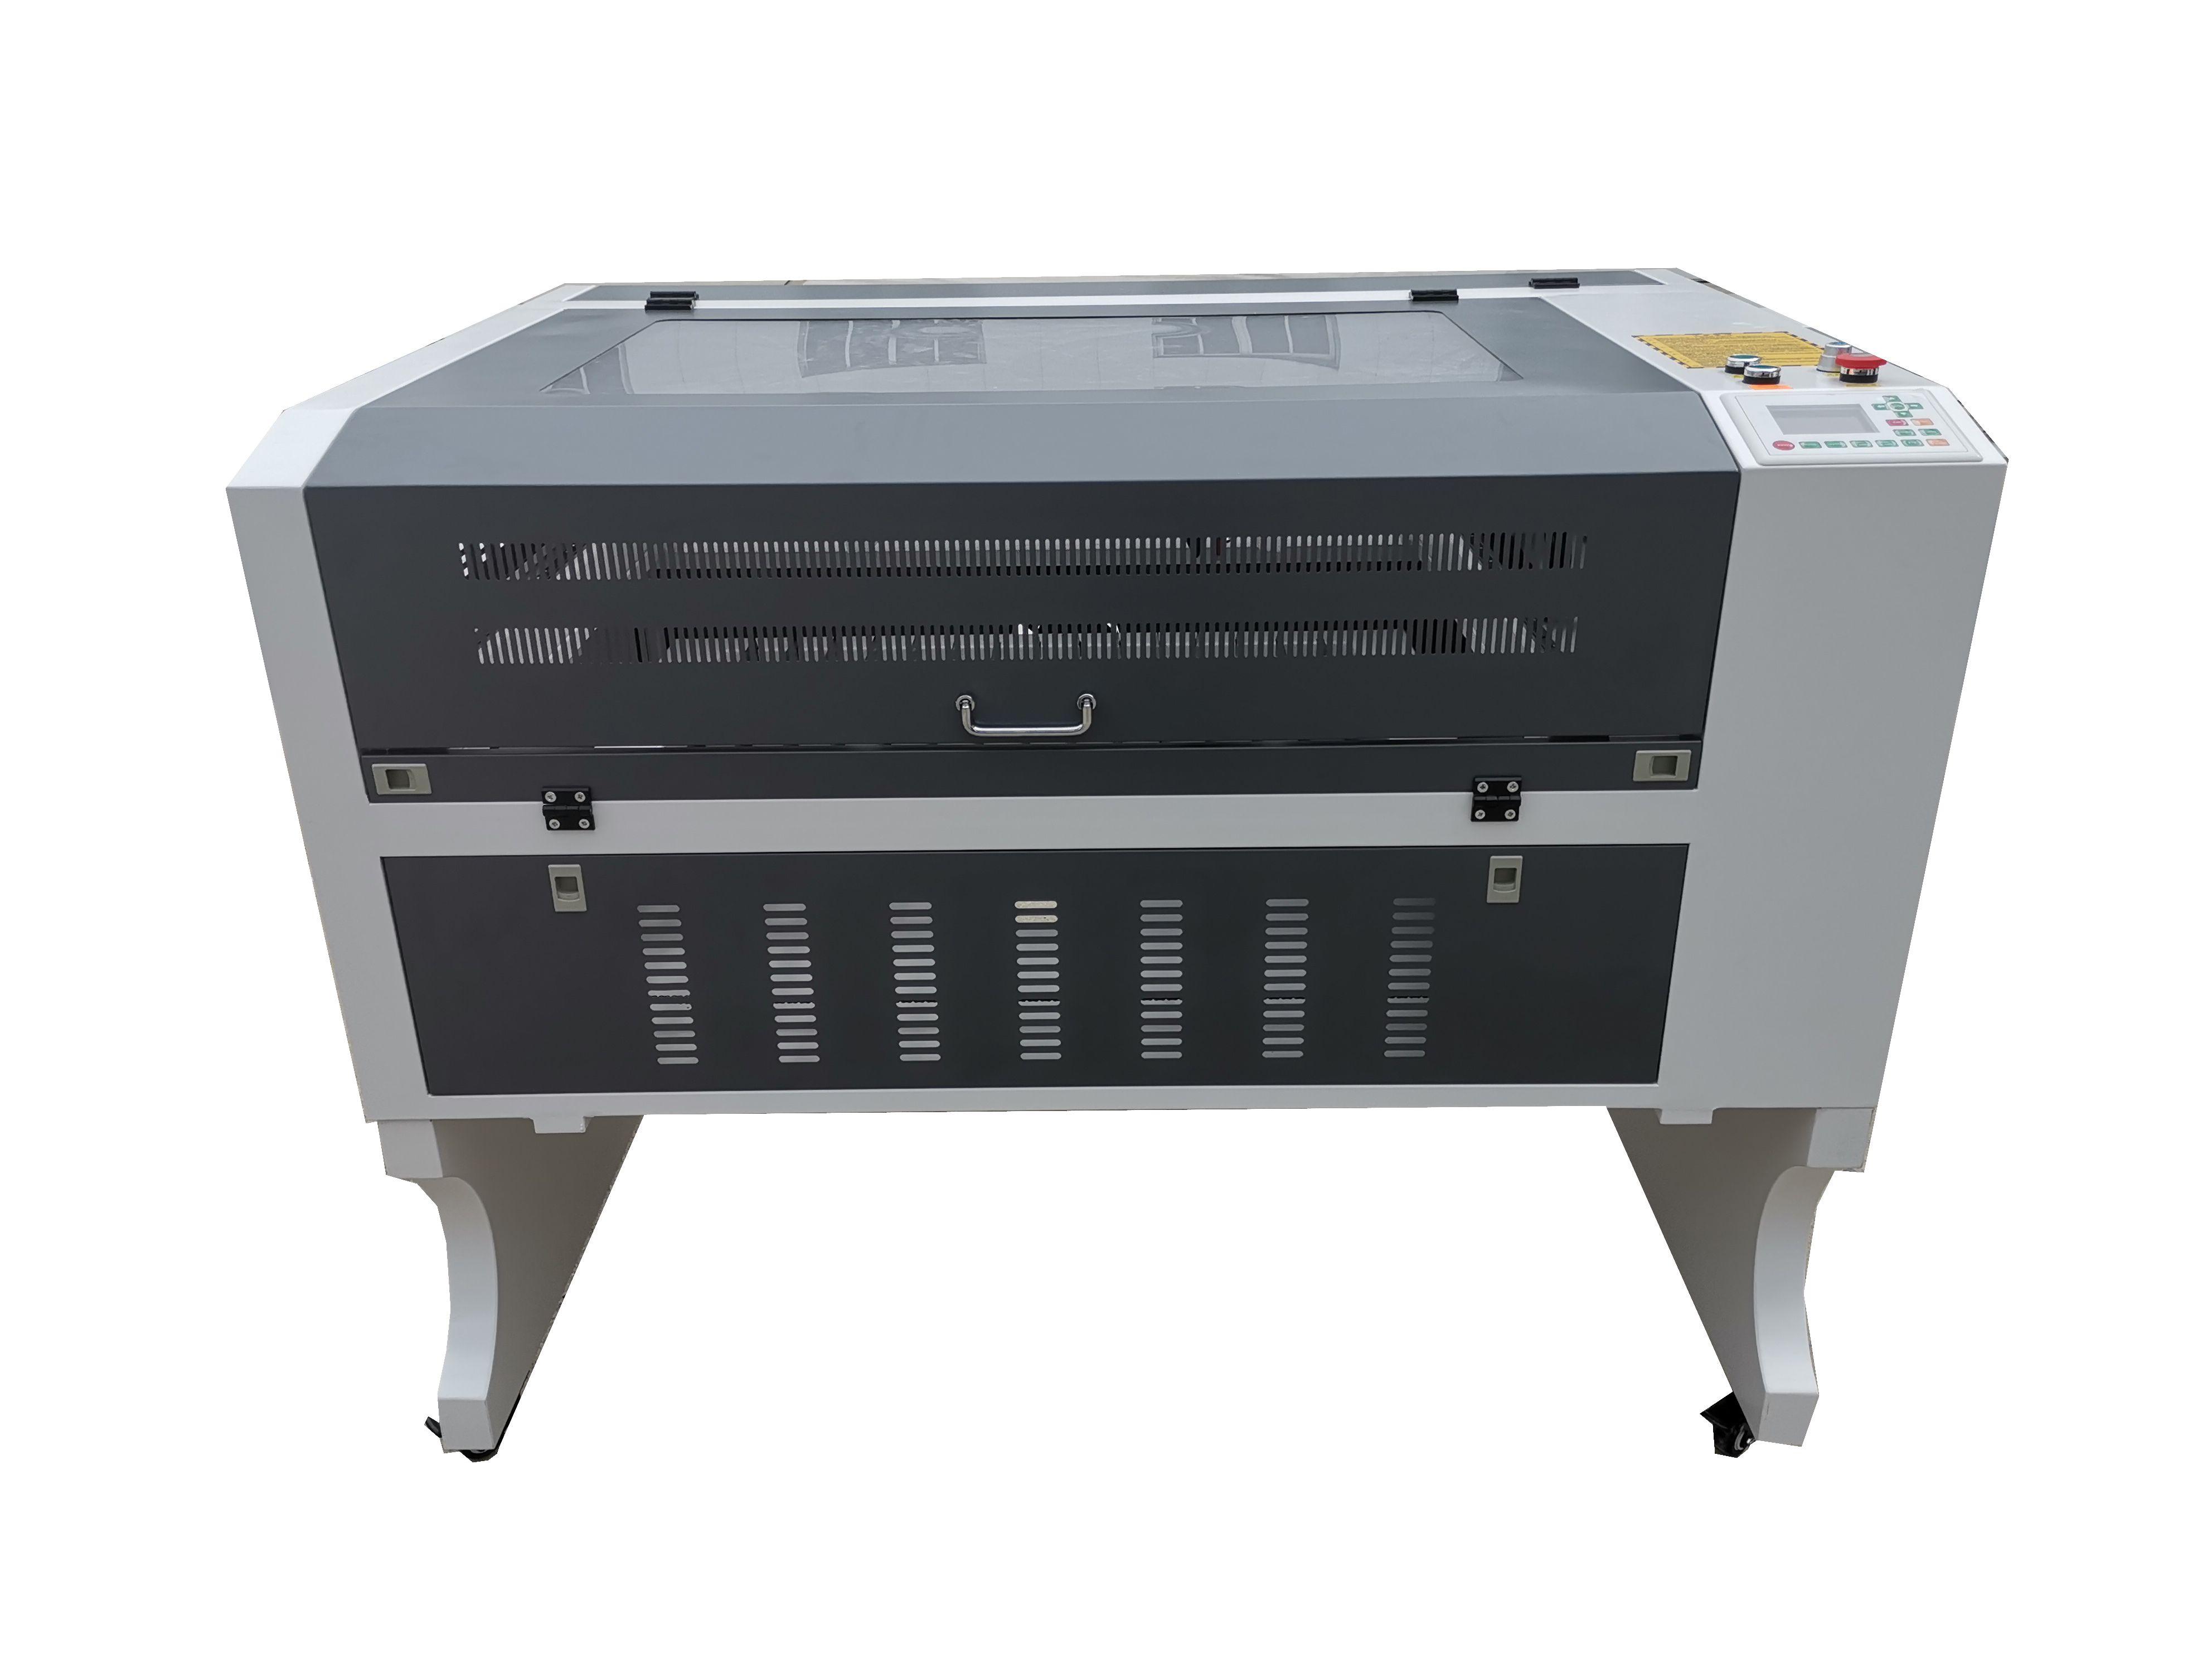 Laser stecher 1060 130w ruida system laser gravur cutter maschine